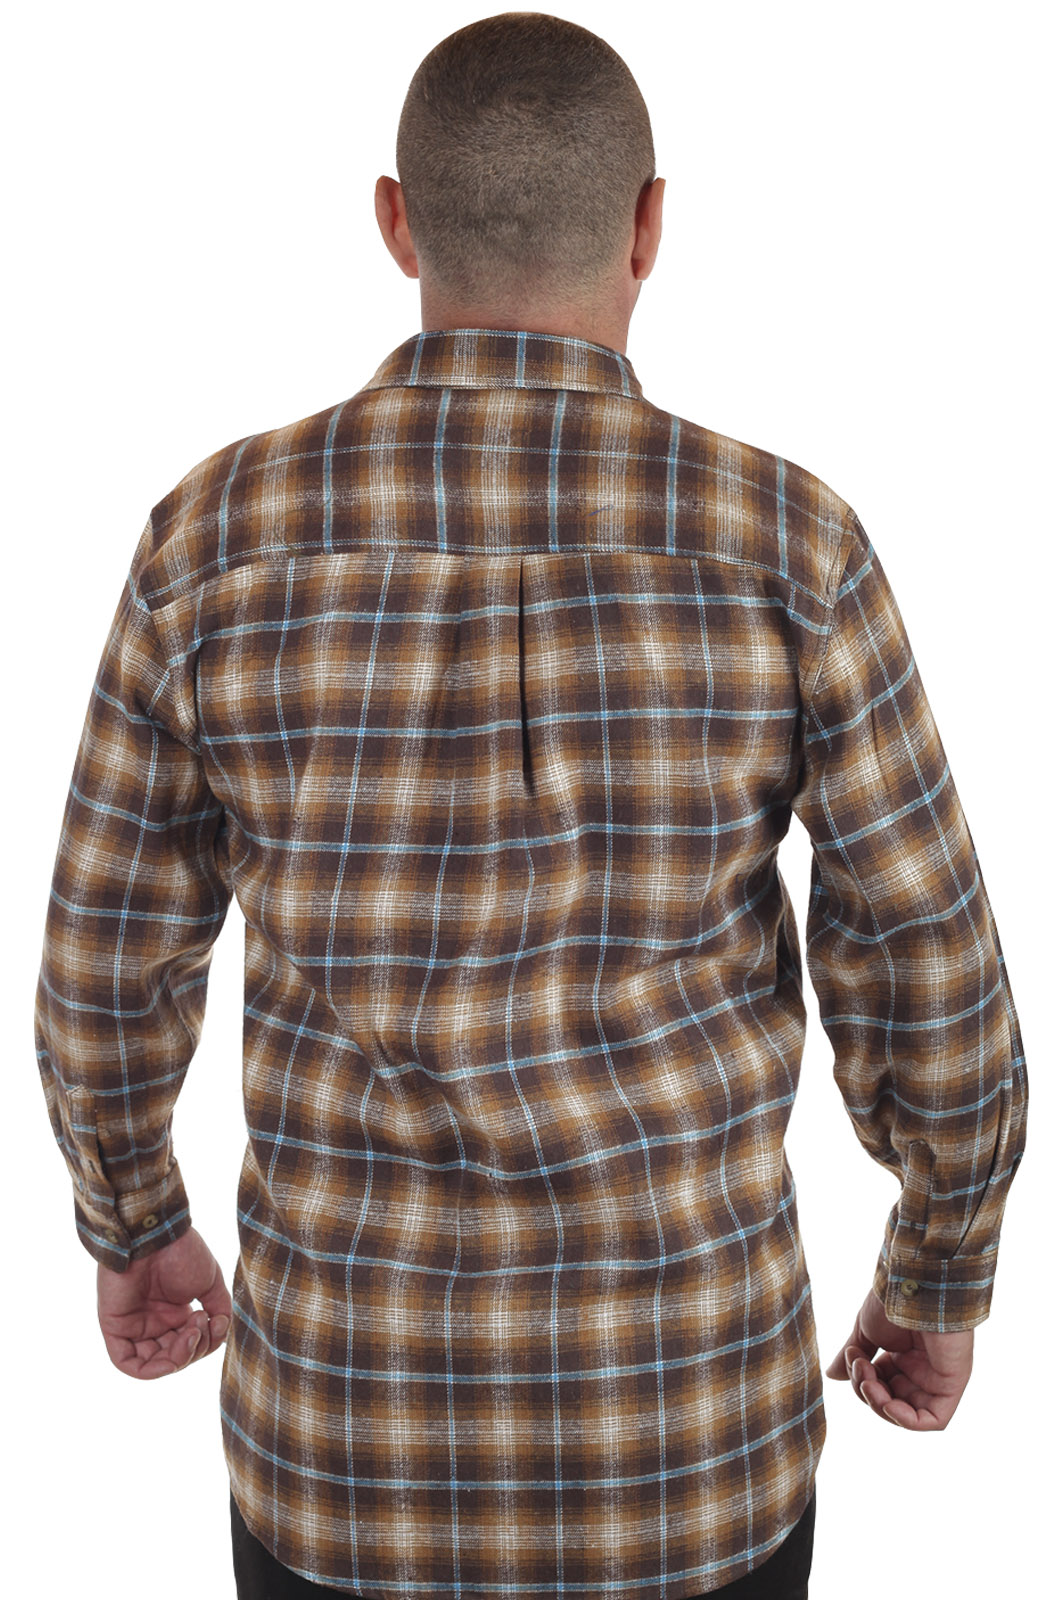 Мужская рубашка в клетку от ТМ Old Mill